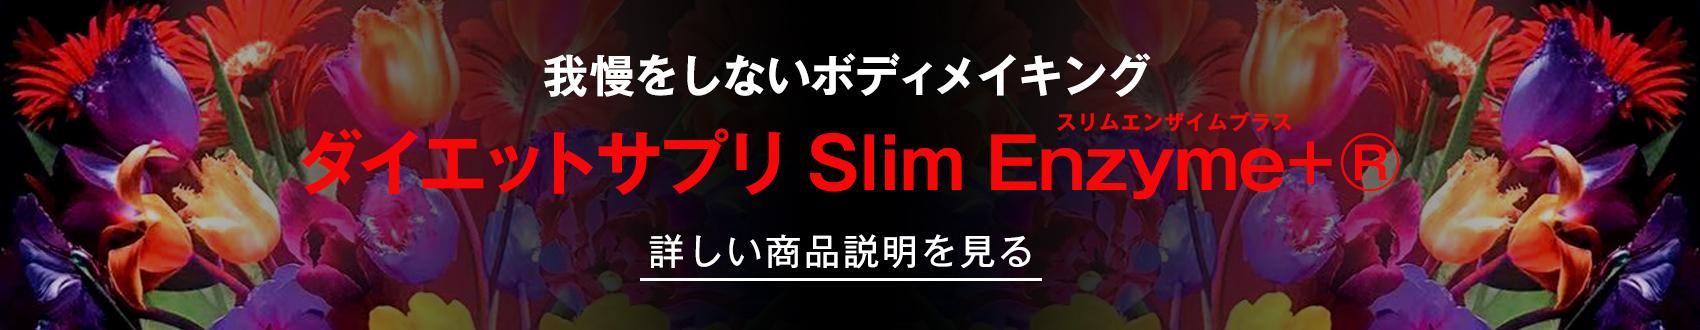 我慢をしないボディメイキング ダイエットサプリ Slim Enzyme+®️(スリムエンザイムプラス)